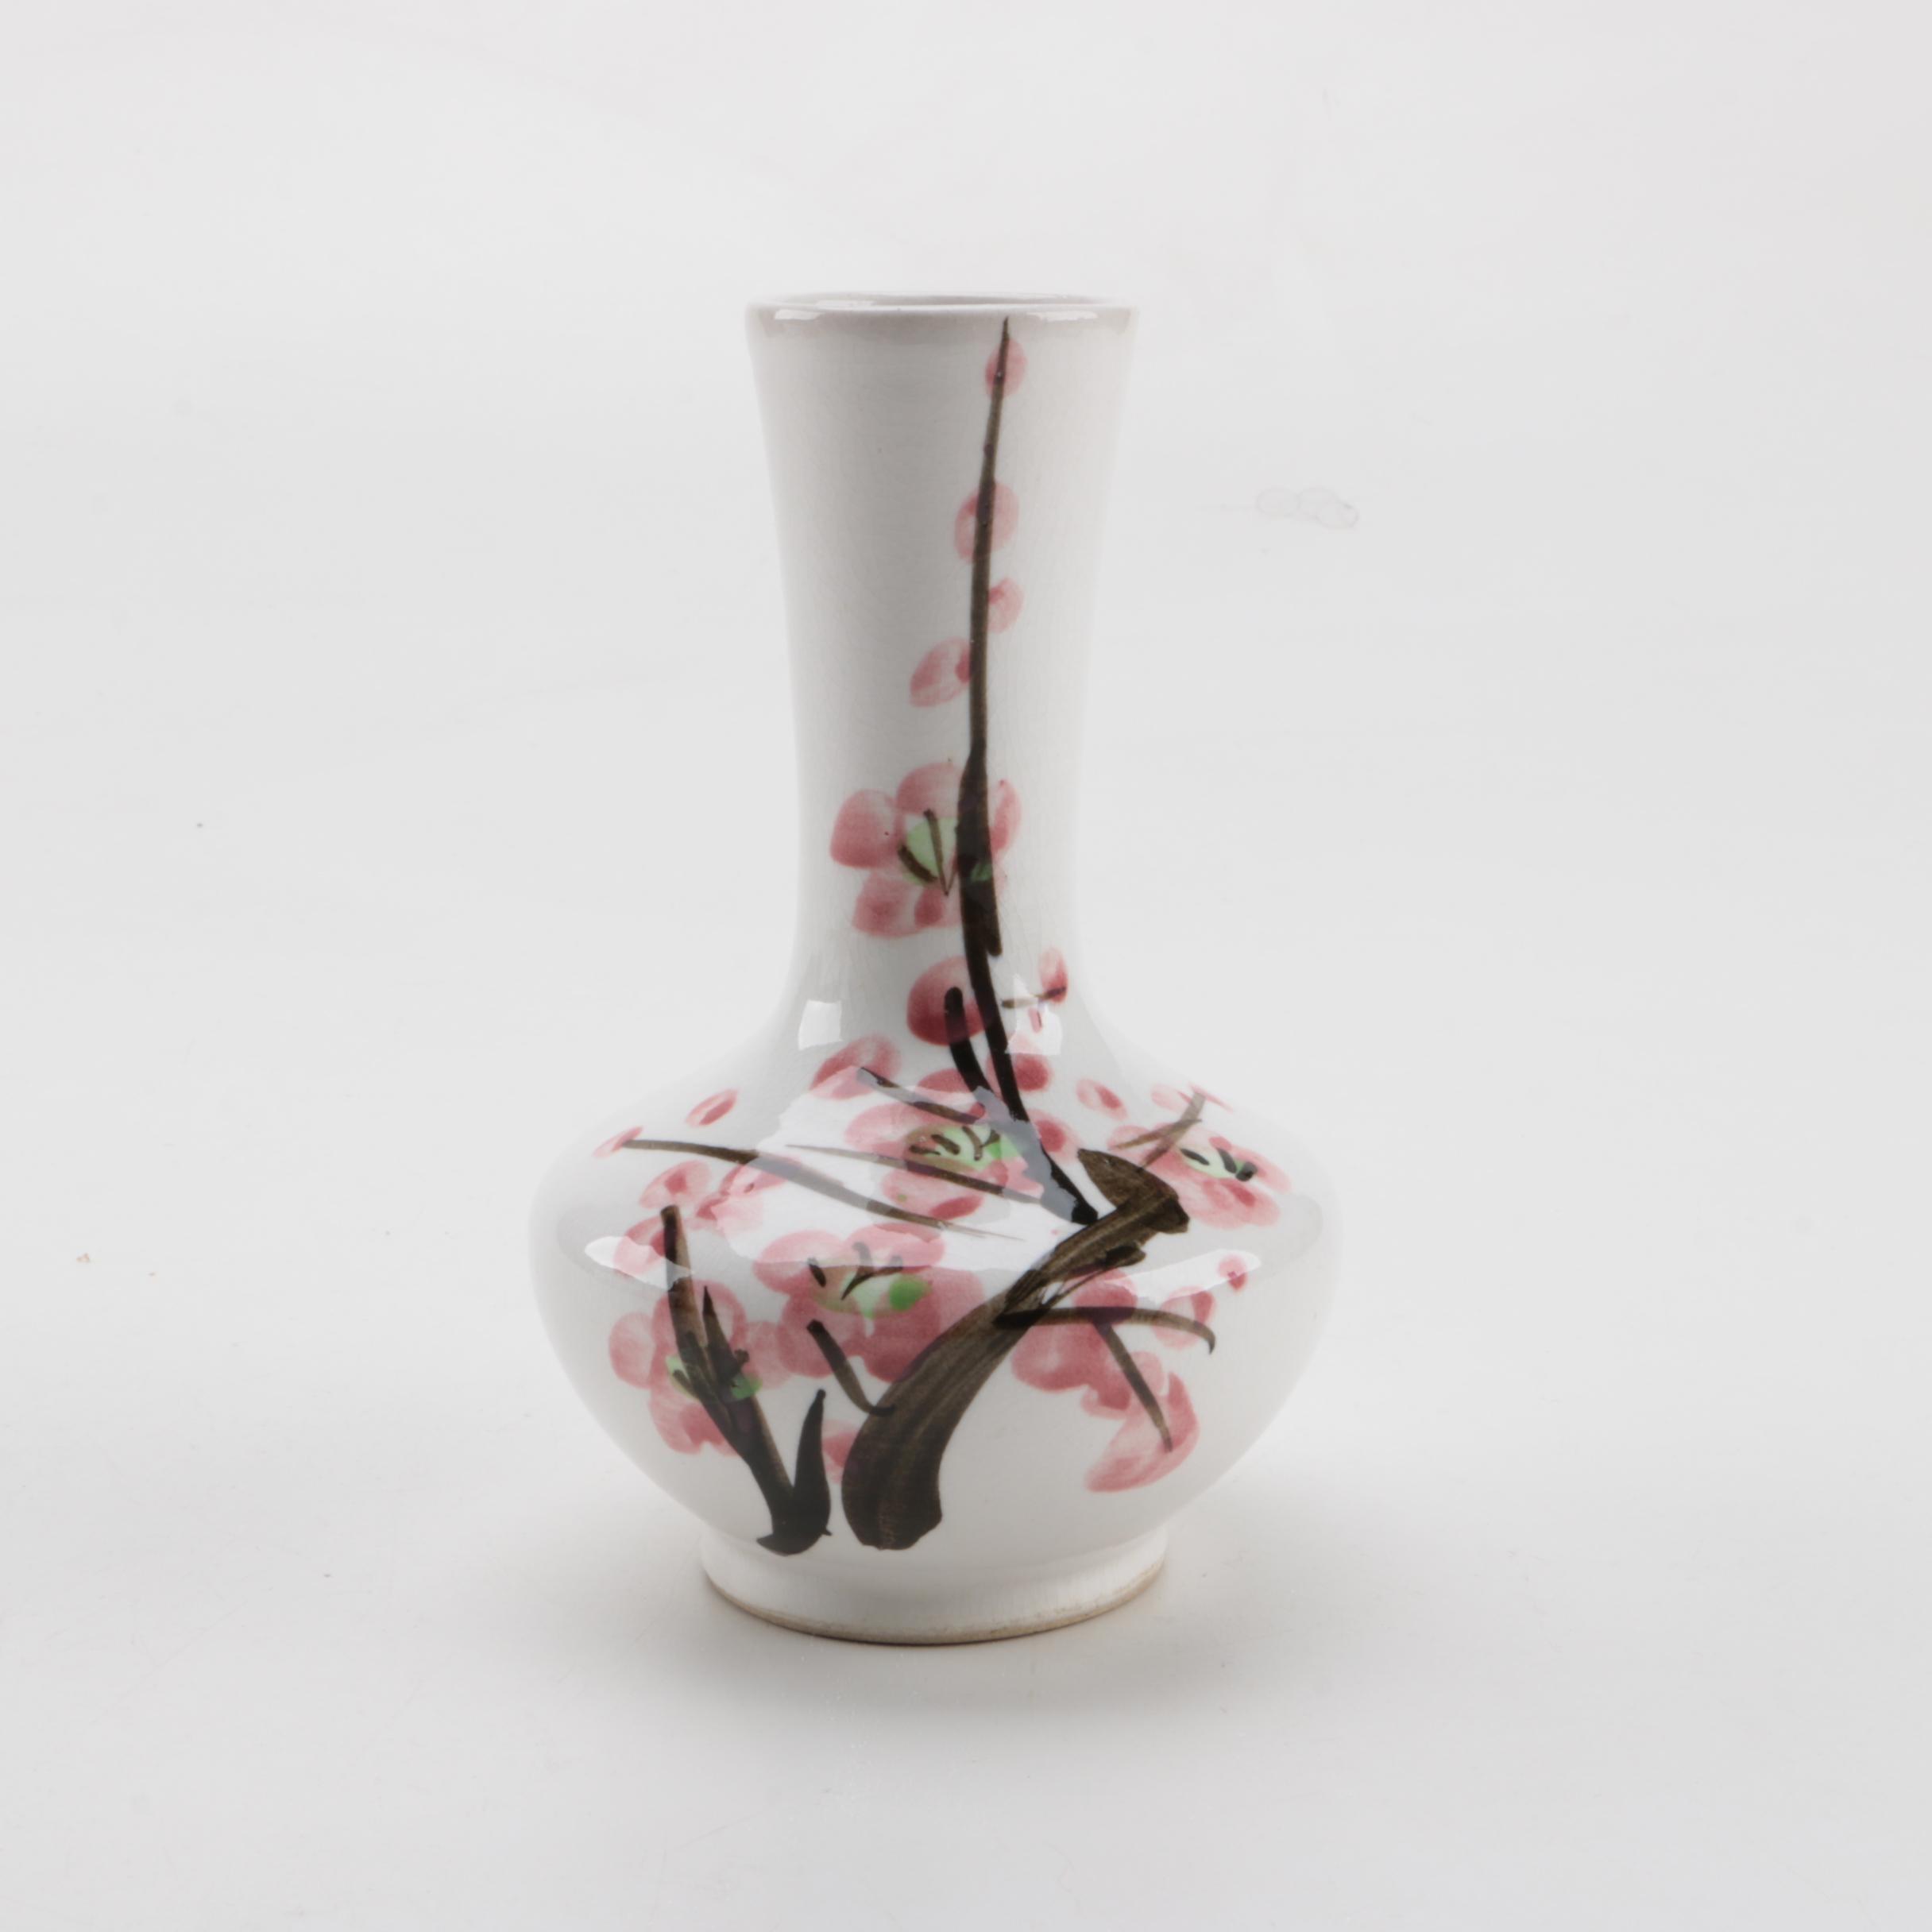 Lego Cherry Blossom Motif Ceramic Vase